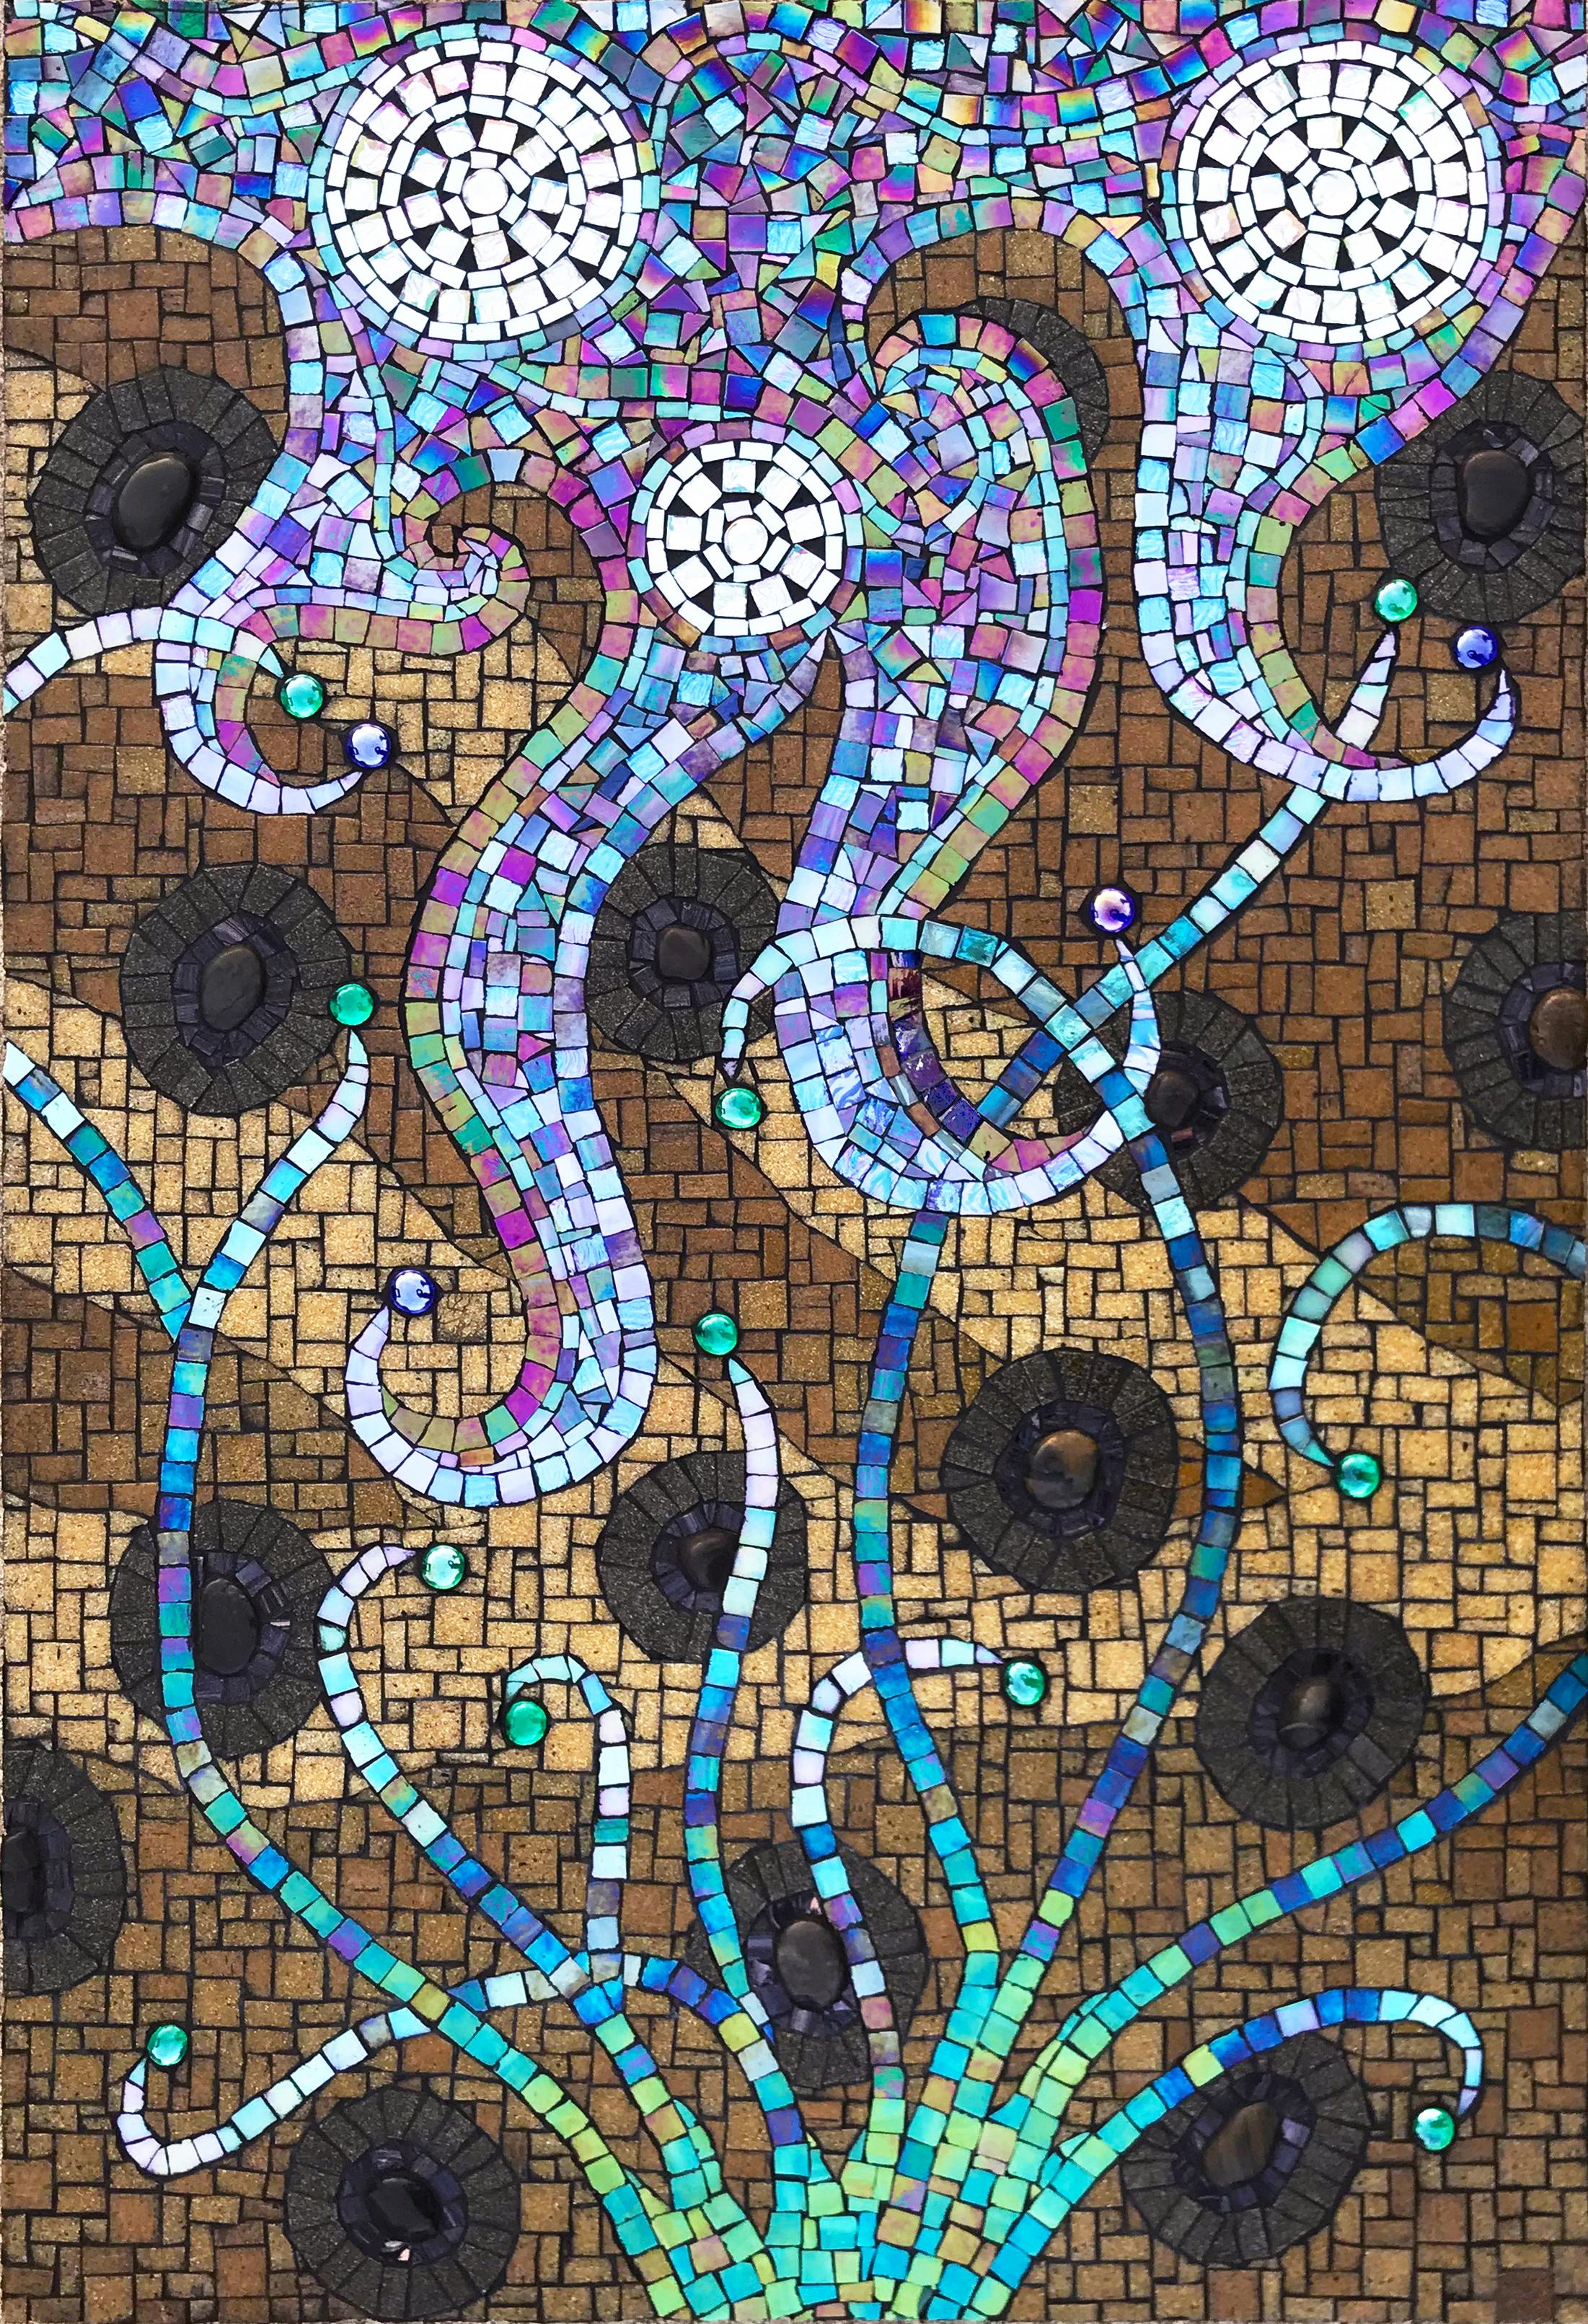 Cycles Mosaic